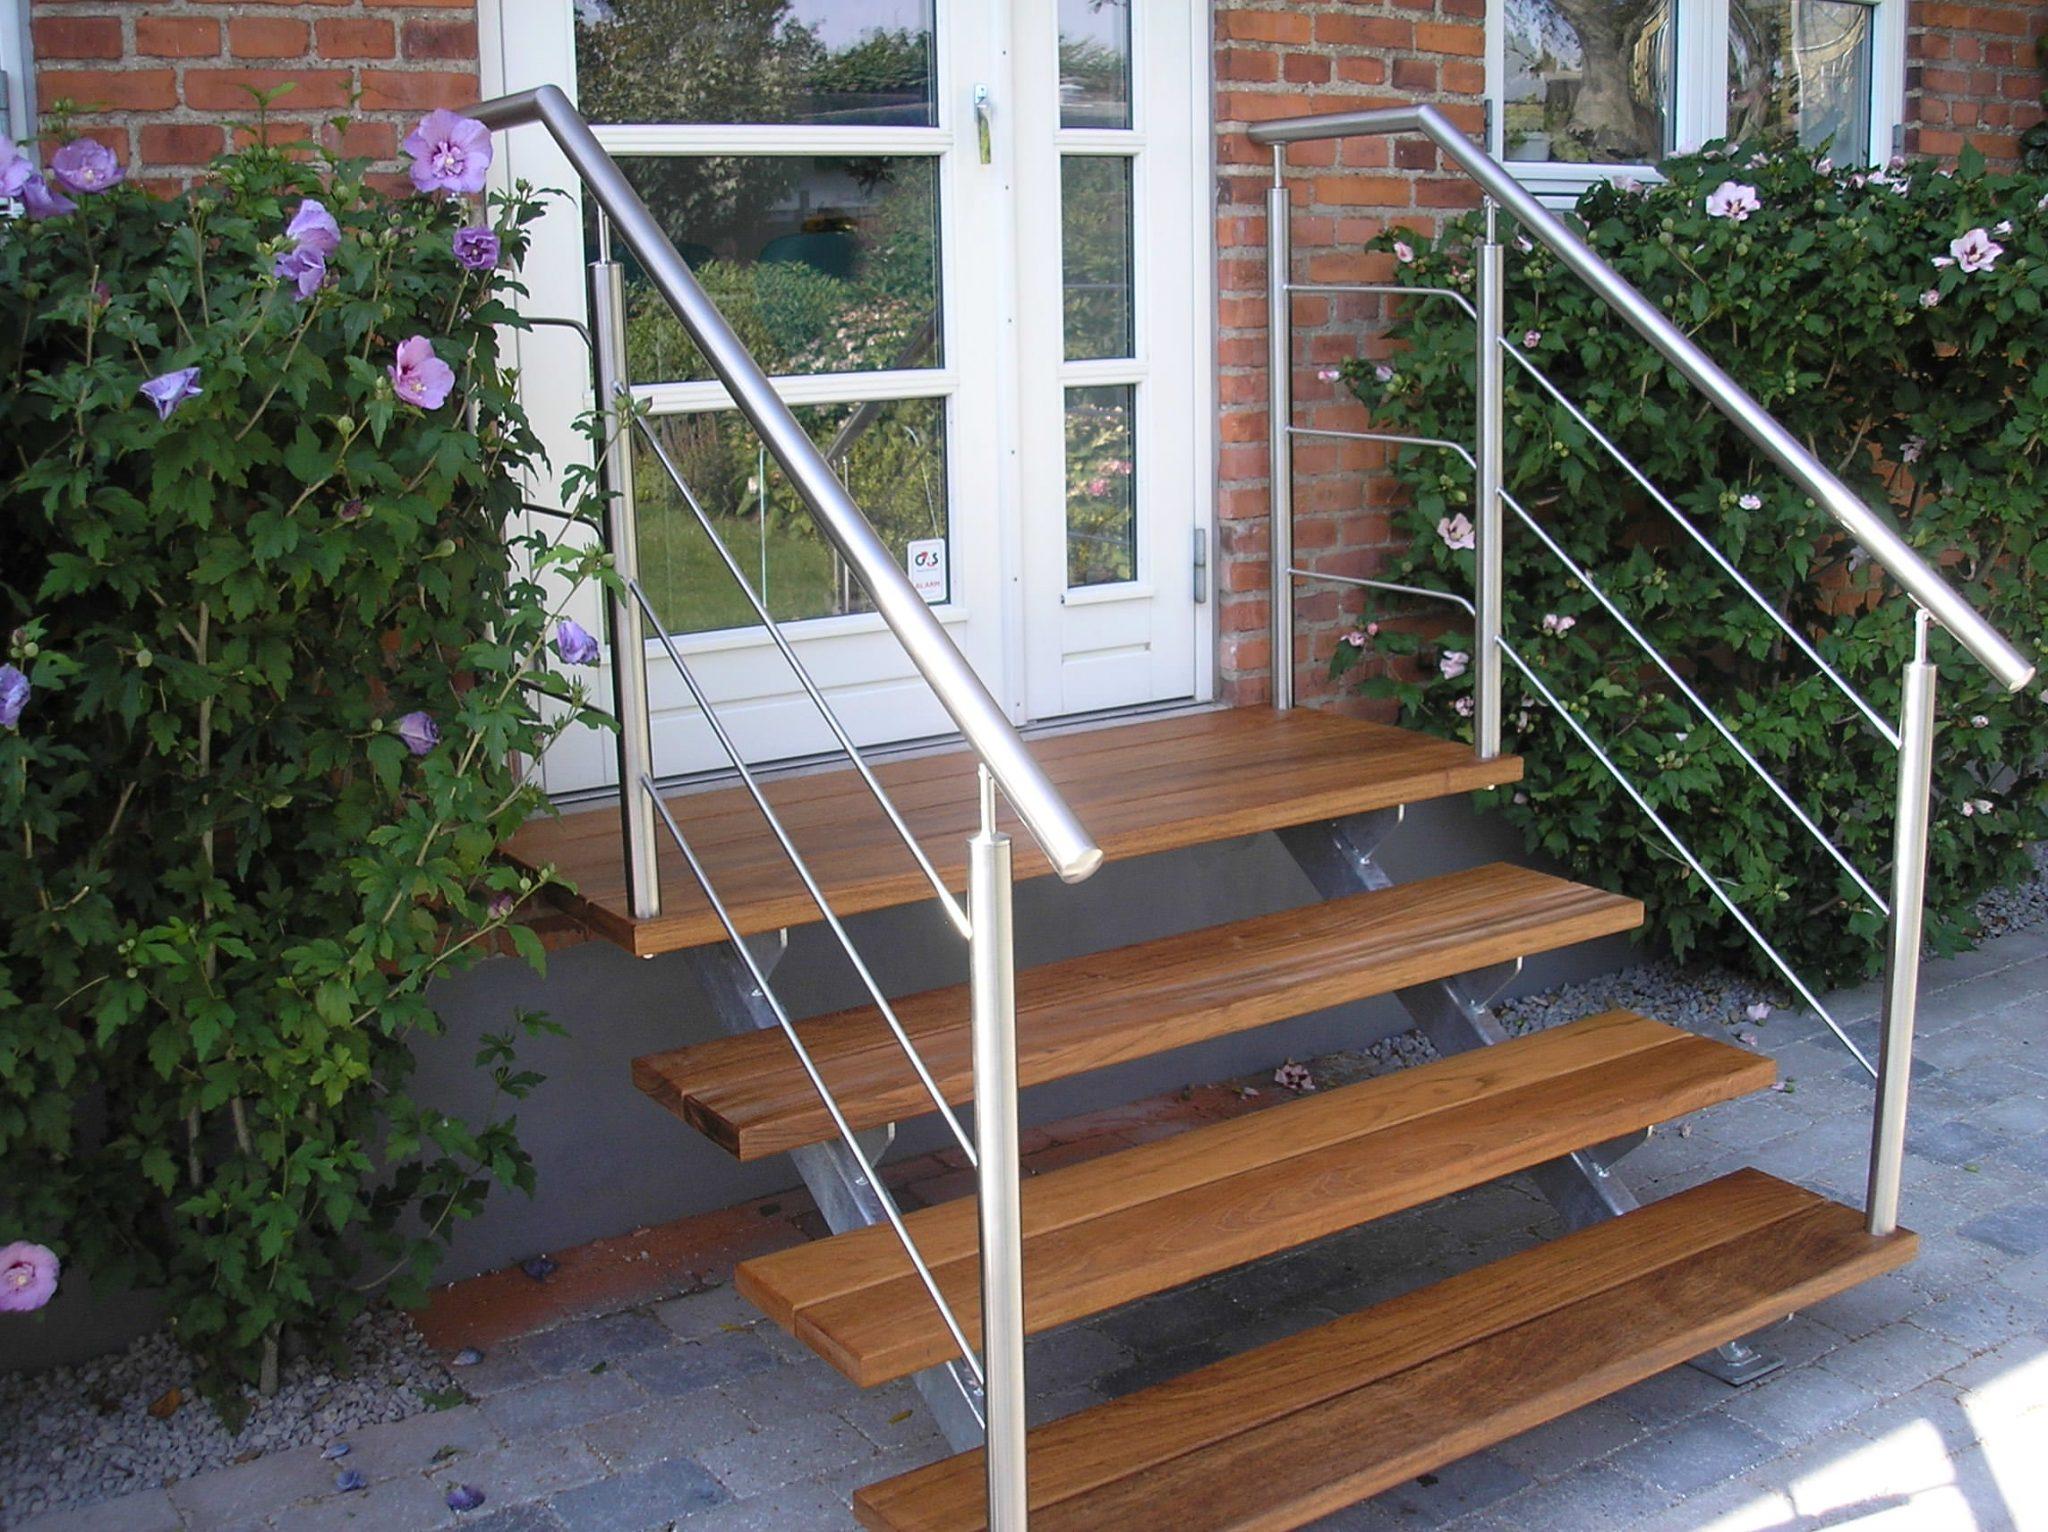 Terrasse Med Trappe Til Have Christian Steel Design Er Alt I Stal